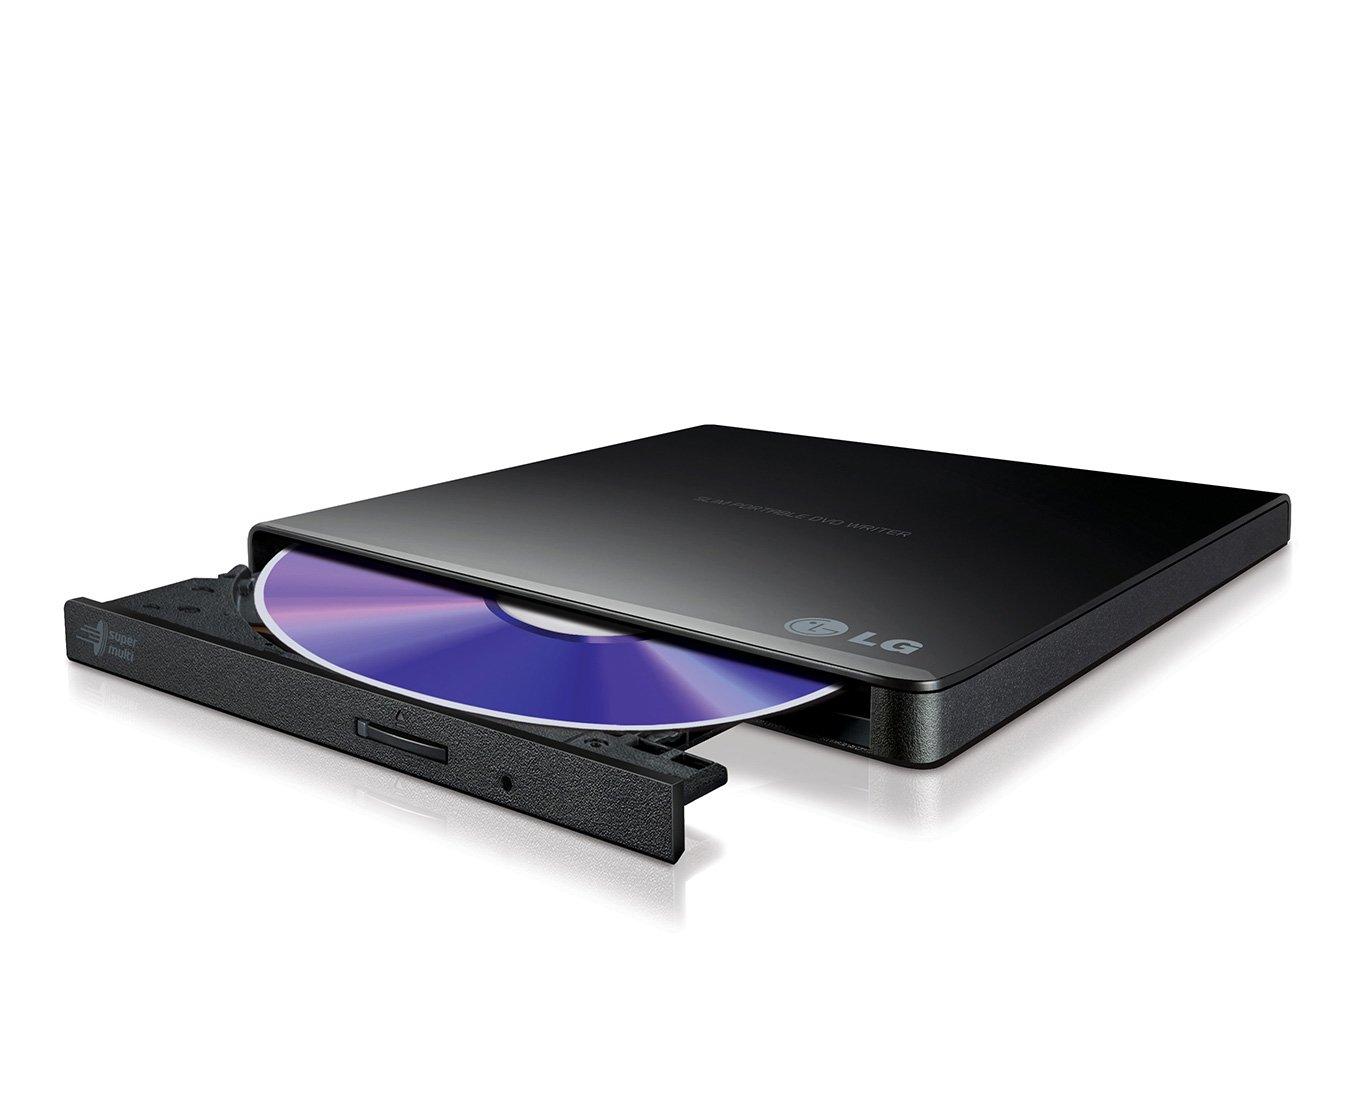 LG Black, Tray, Desktop/Notebook DVD Super Multi DL, USB 2.0, GP57EB40 (DVD Super Multi DL, USB 2.0)